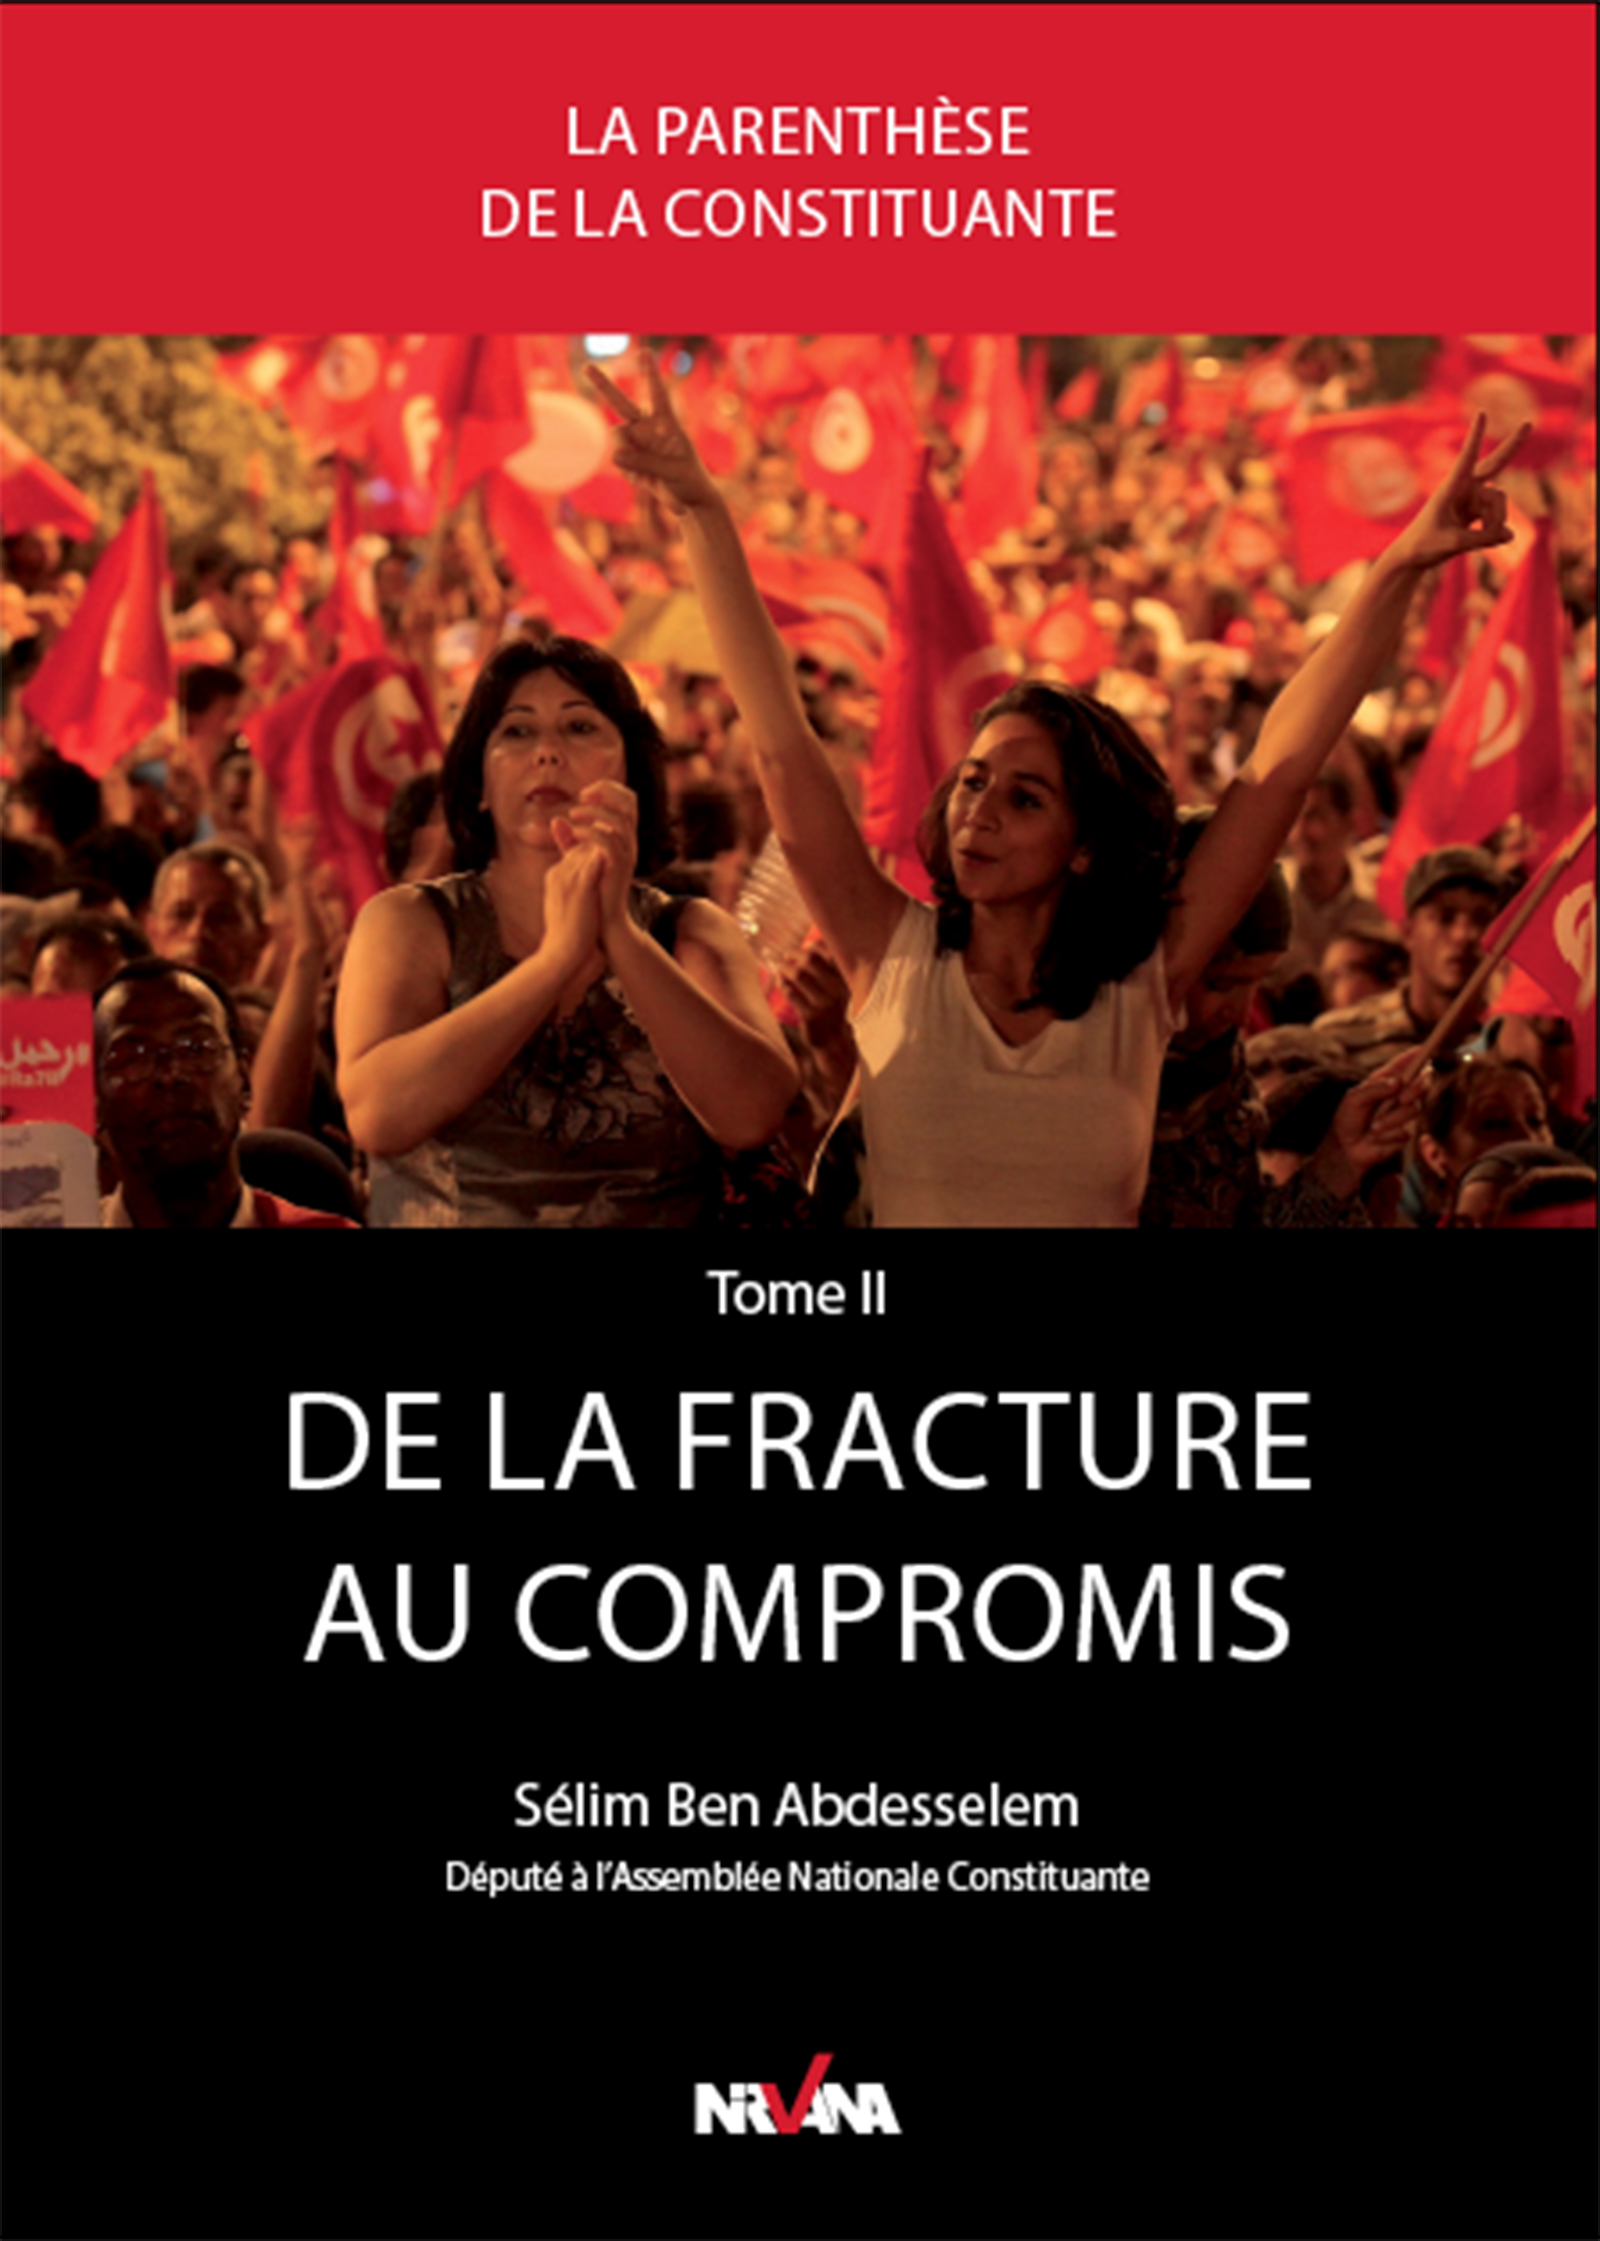 De la fracture au compromis, Genèse de la Constitution tunisienne entre deux campagnes électorales - Chronique de l'Assemblée nat